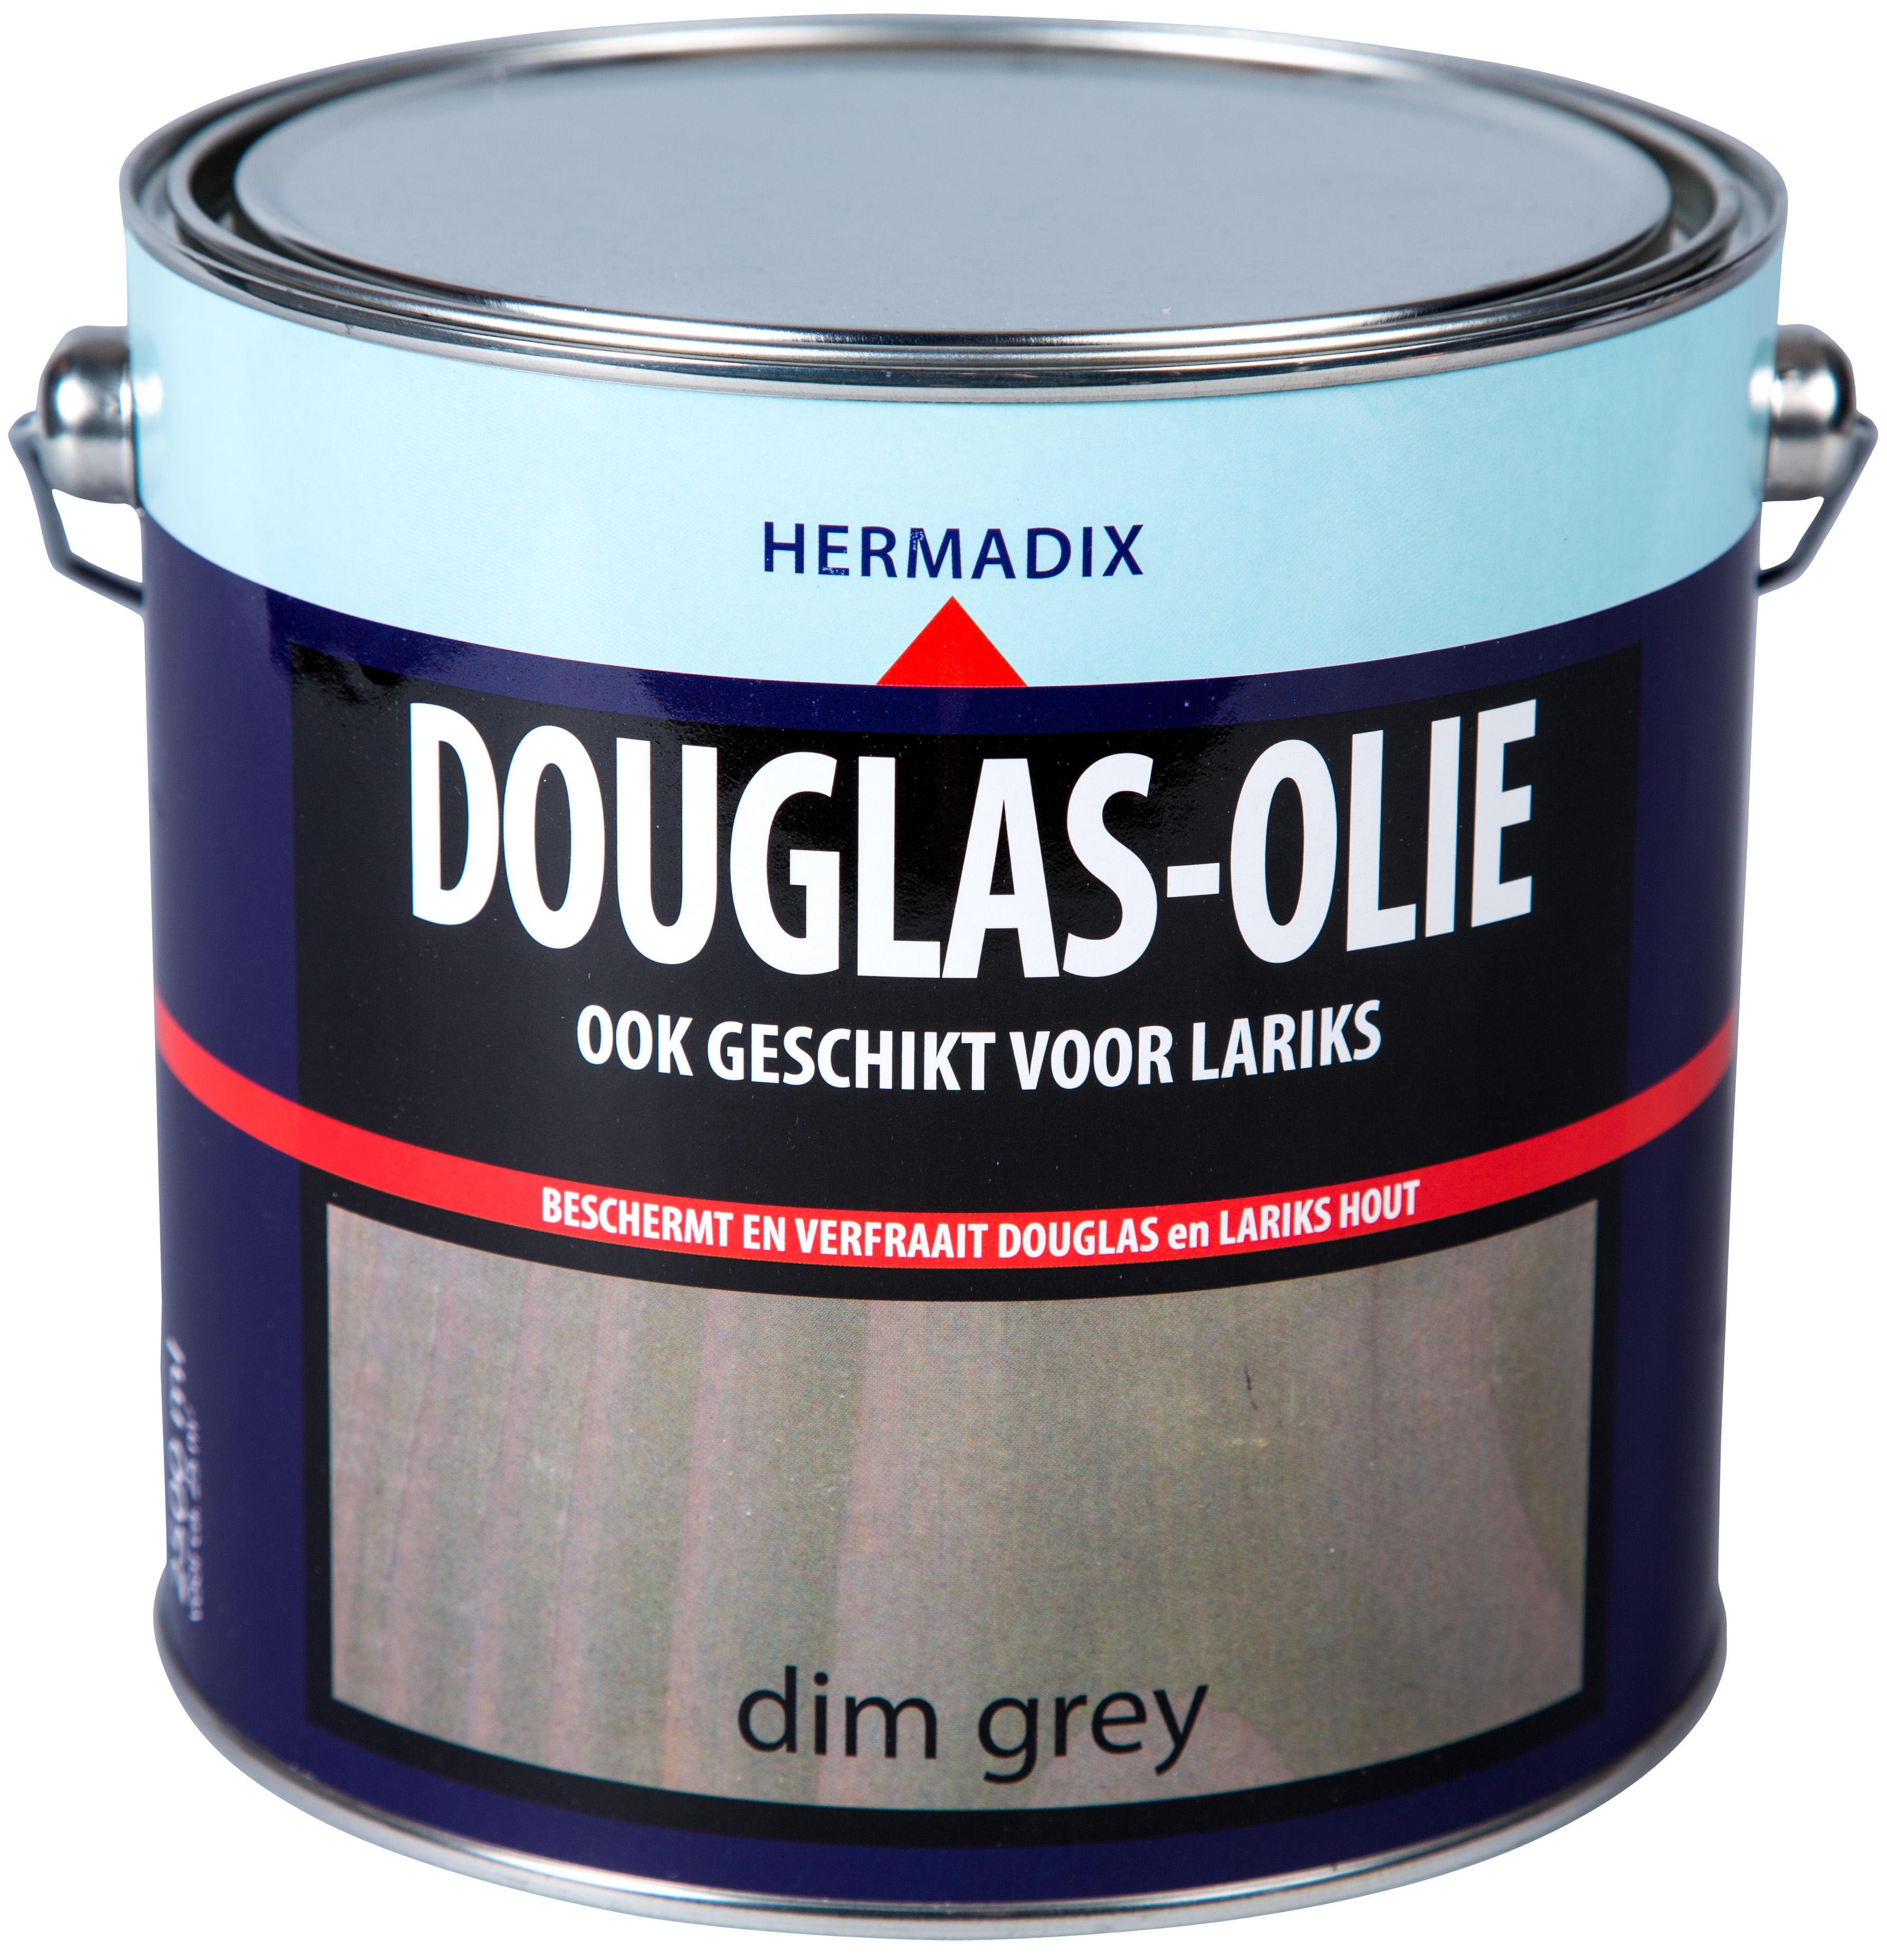 Hermadix Douglas Olie Dim Grey 2500 ml